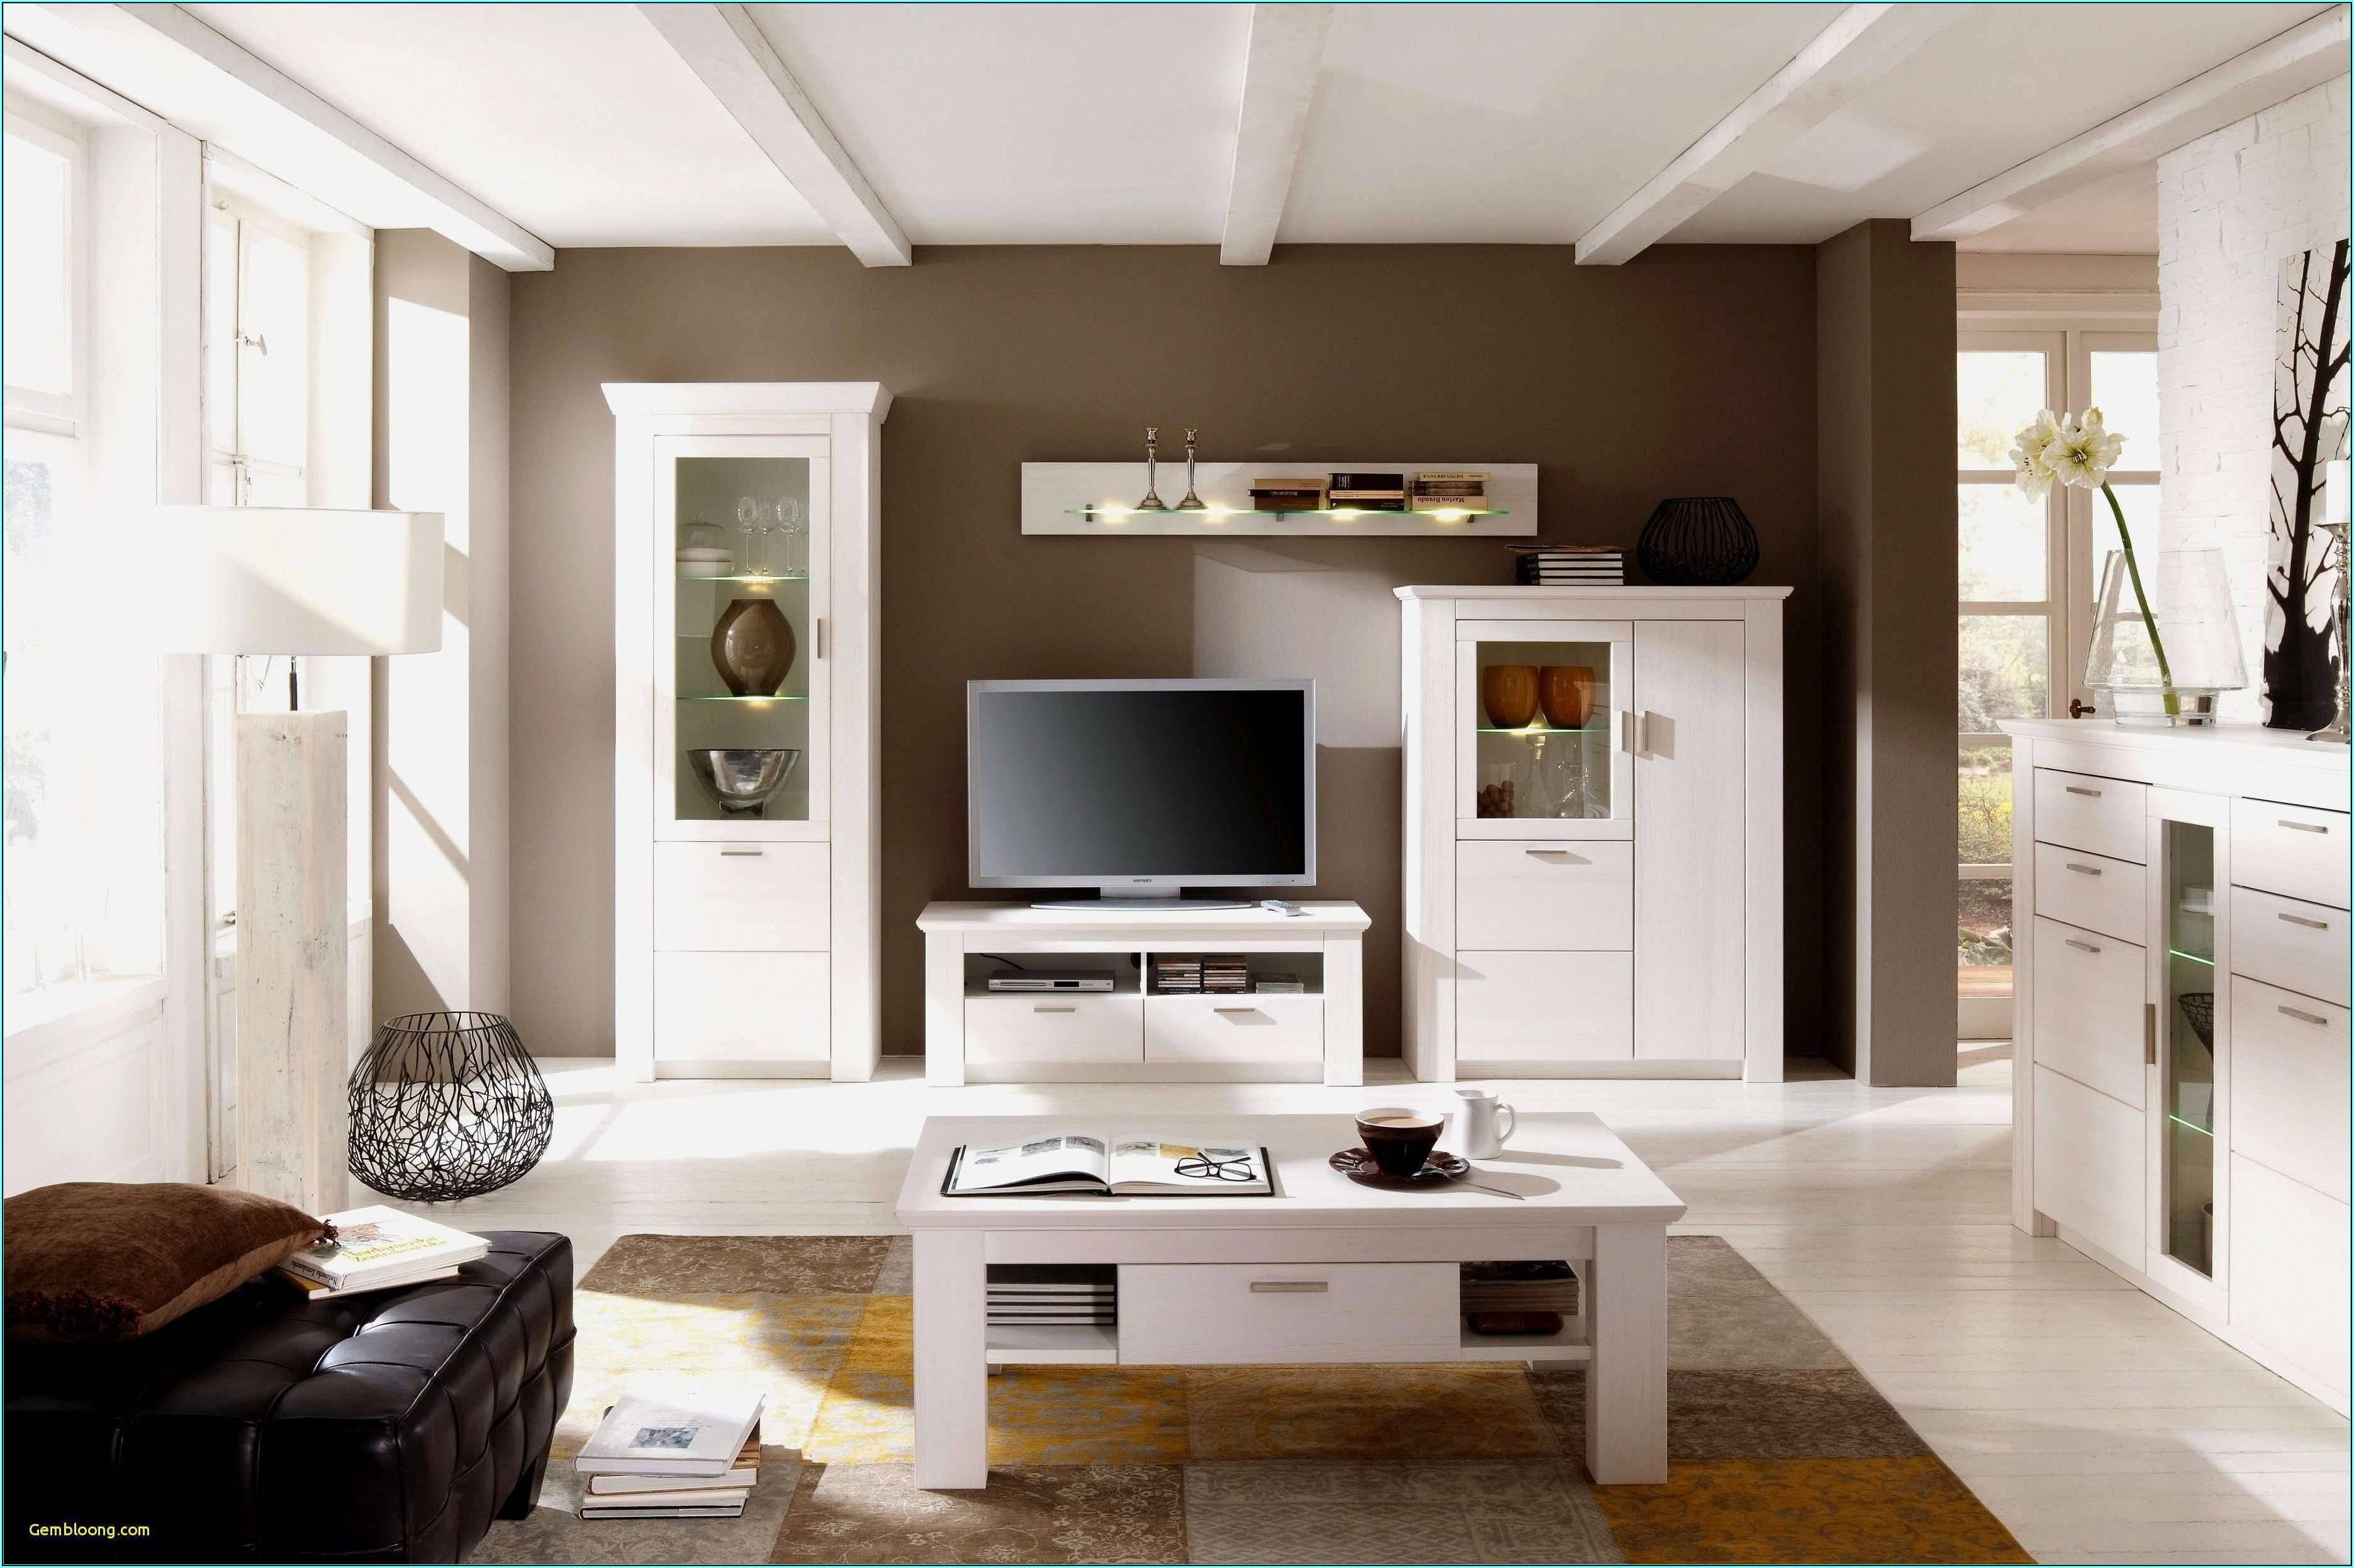 Wohnzimmer Ideen 25 Qm